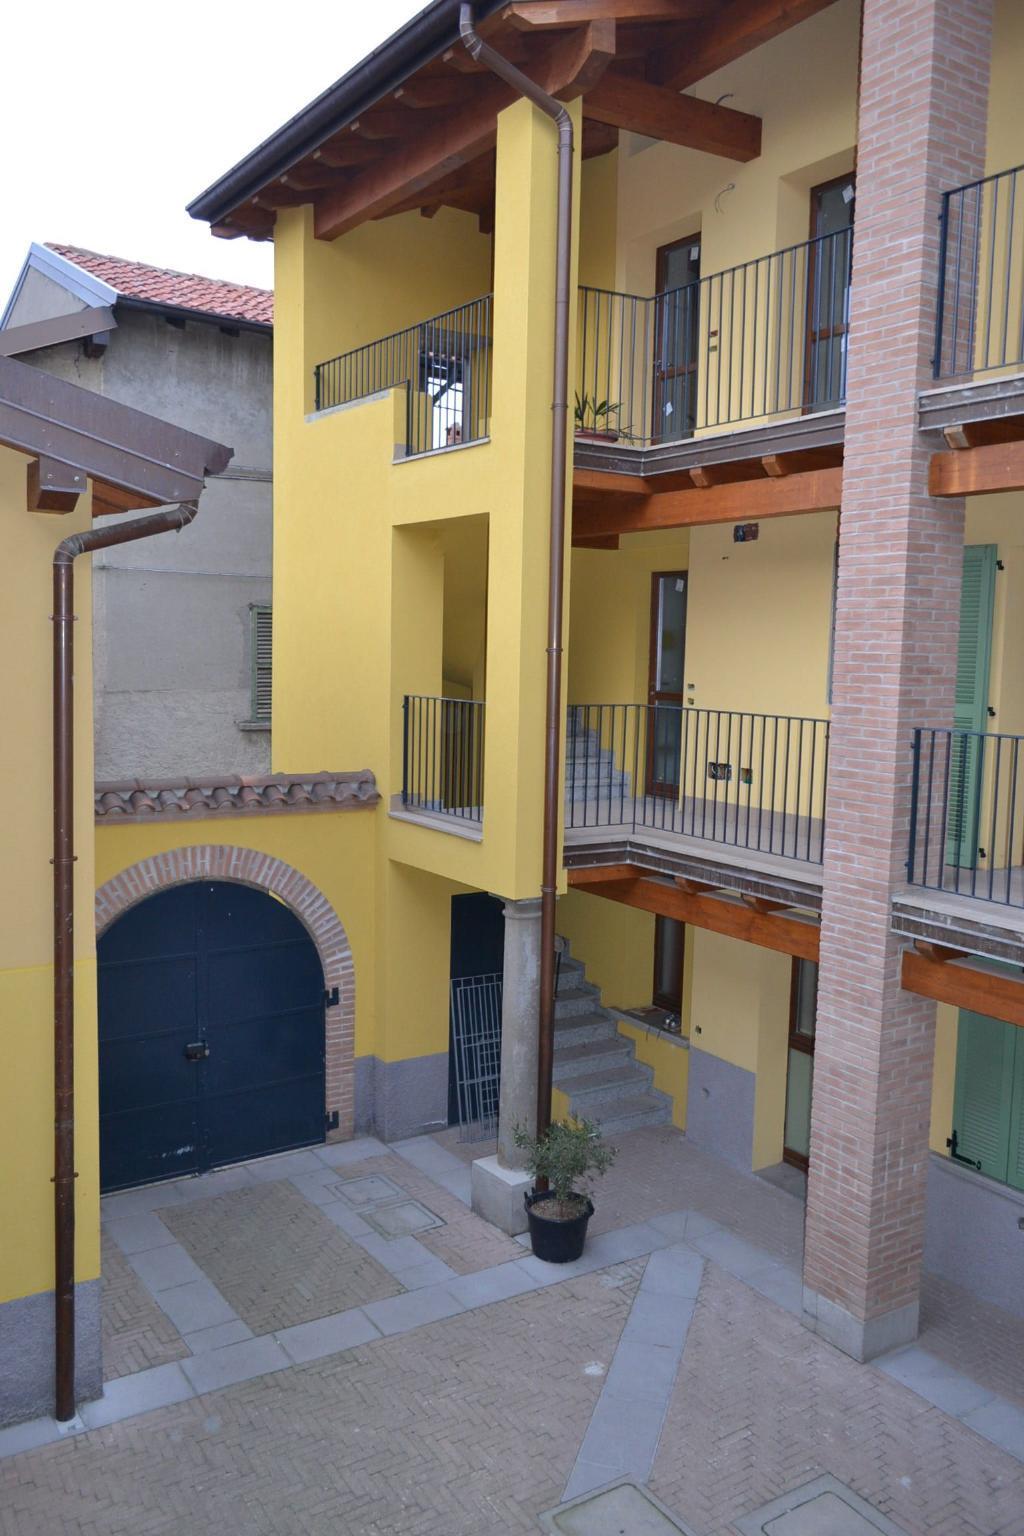 Appartamento in vendita a Mapello, 3 locali, zona Località: centro, prezzo € 85.000 | Cambio Casa.it